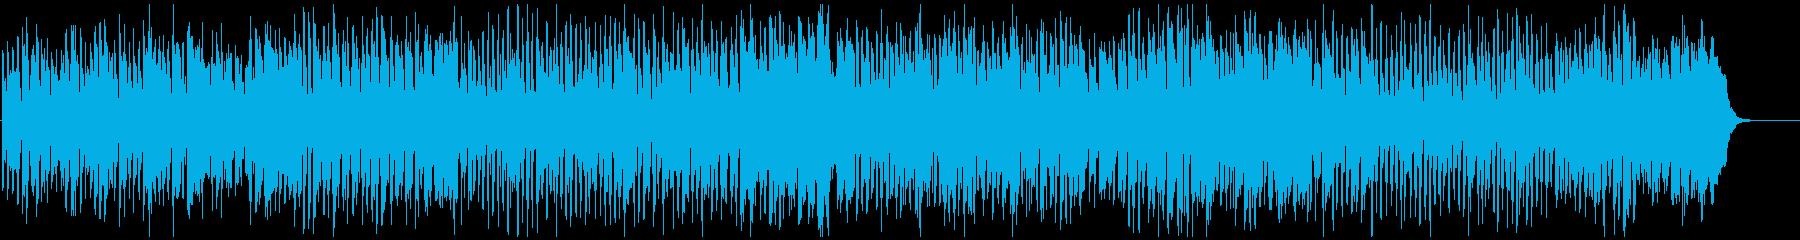 リコーダー生演奏のお笑いギャグコメディ曲の再生済みの波形